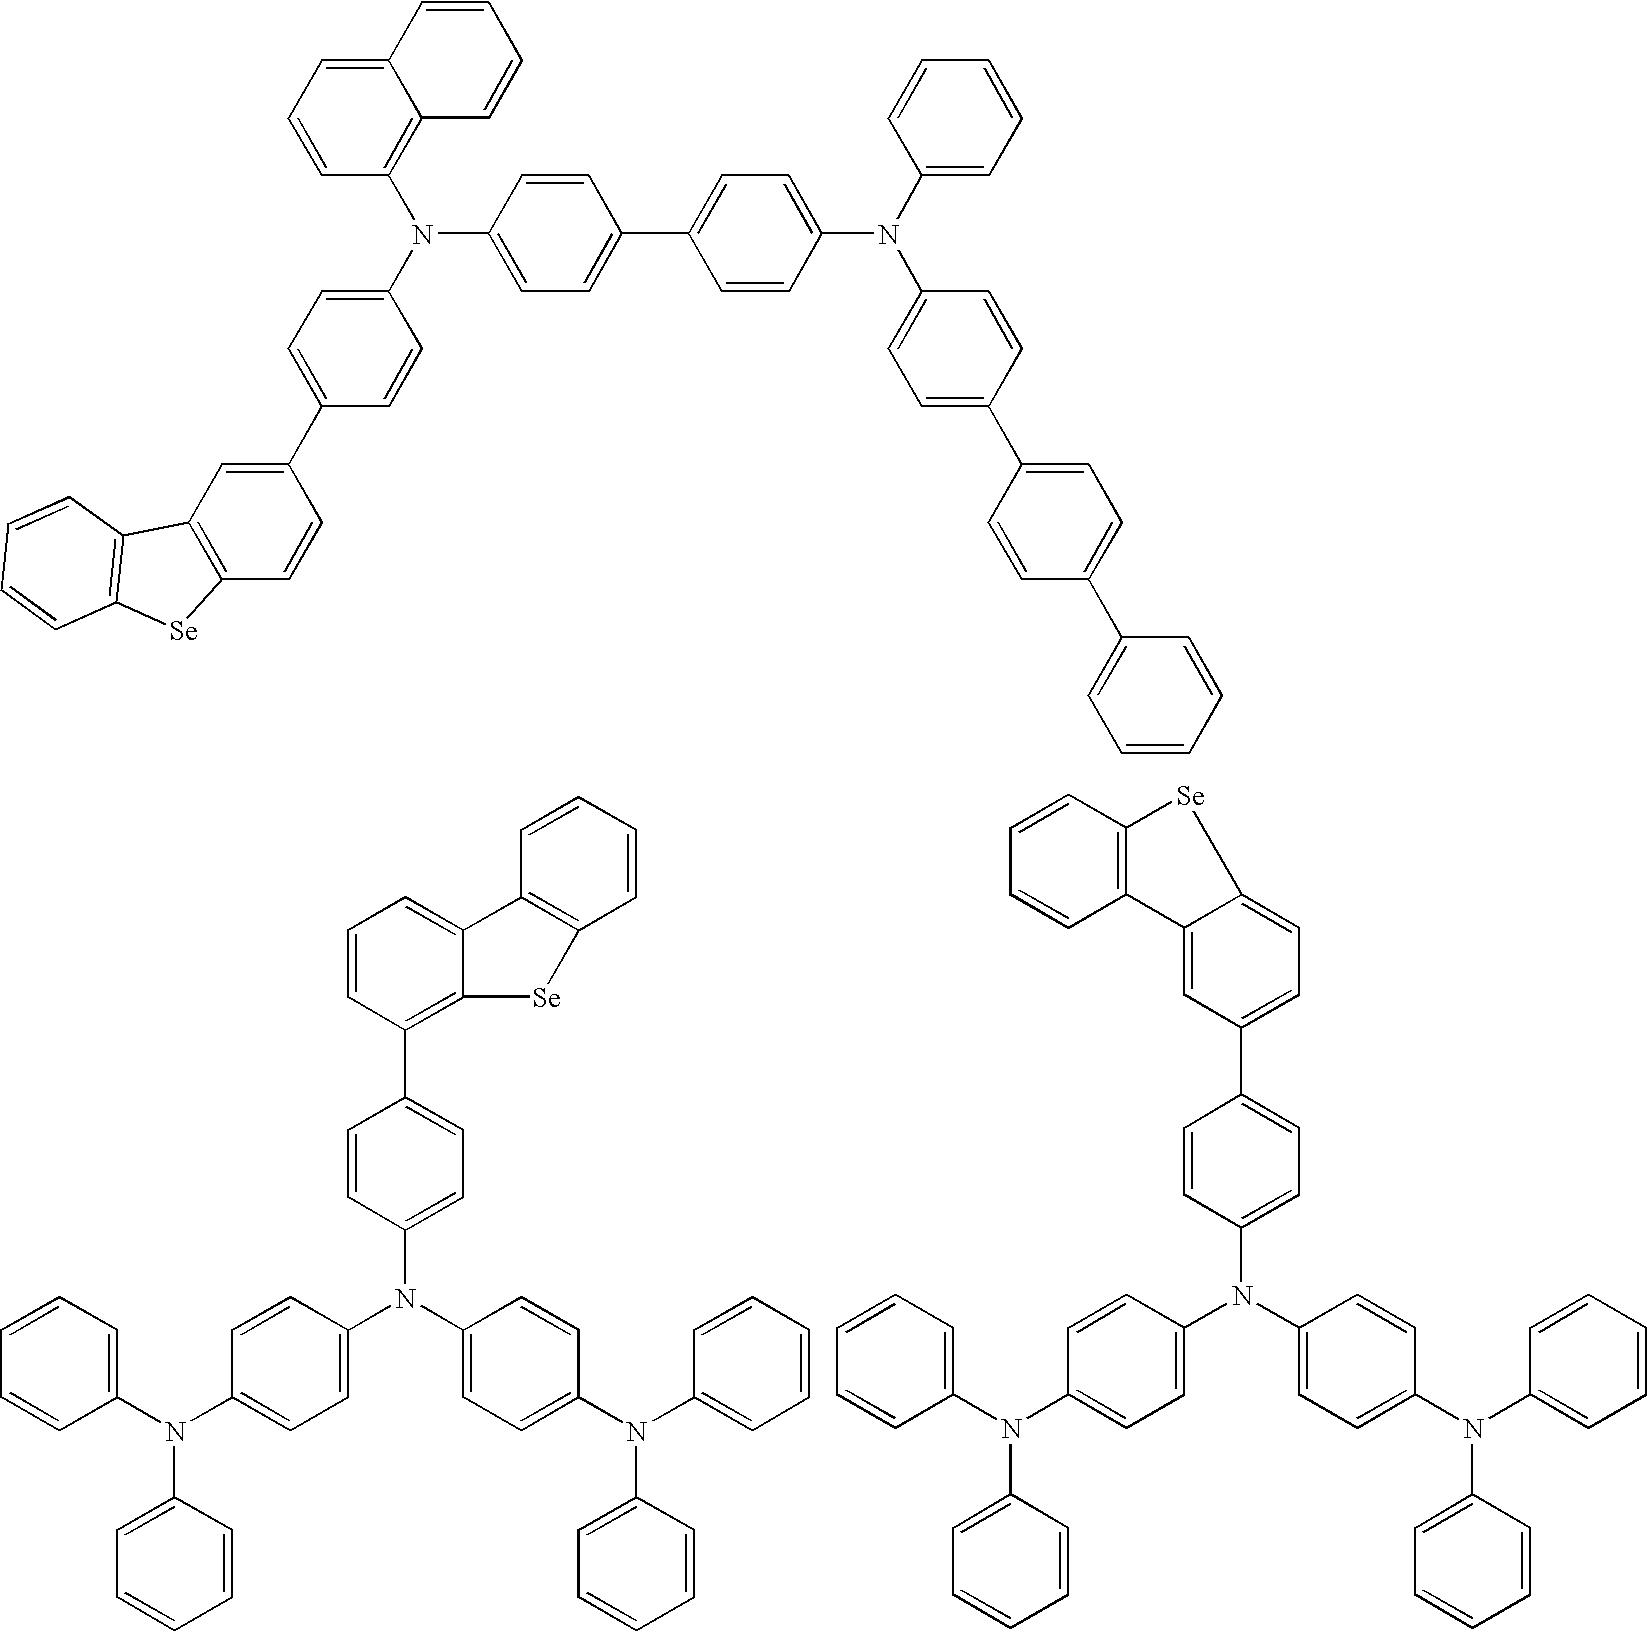 Figure US20100072887A1-20100325-C00249